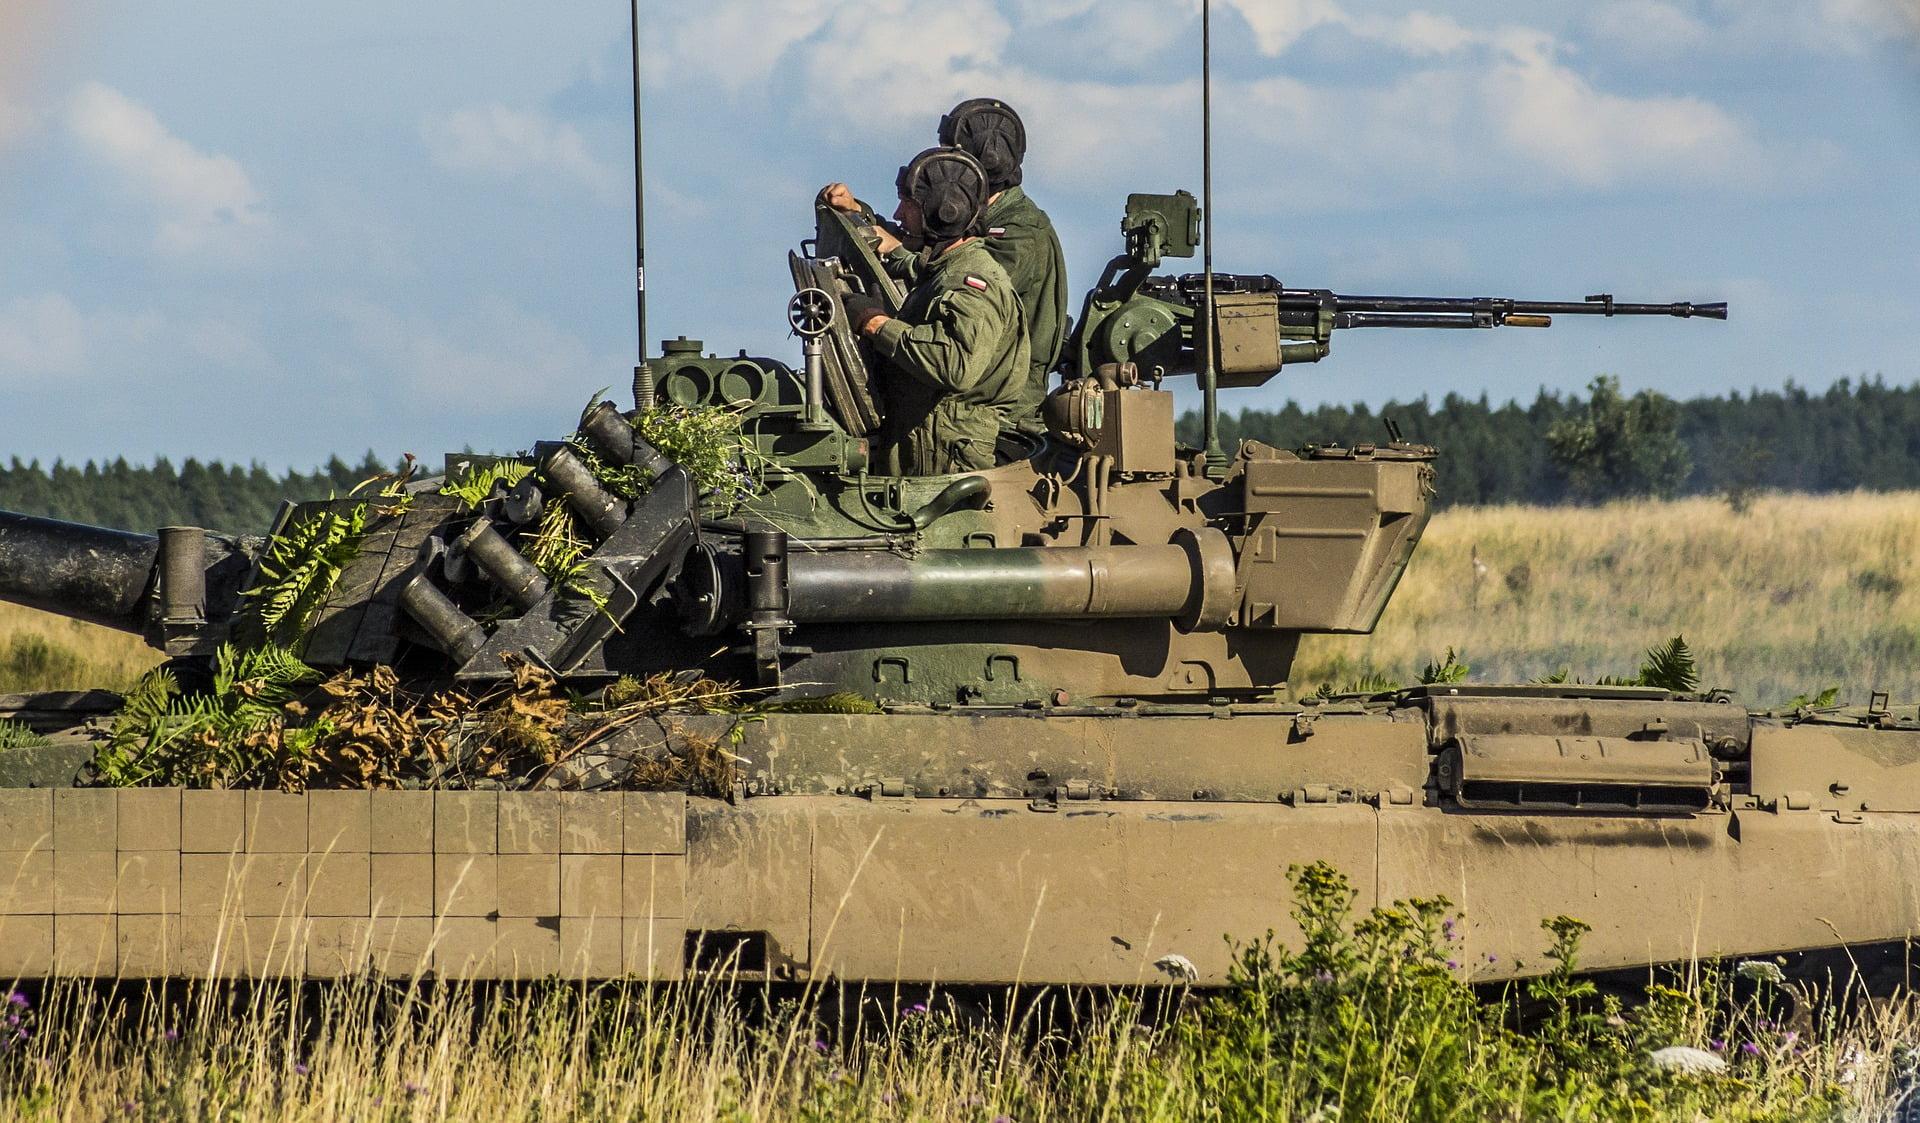 żołnierze w pojeździe wojskowym